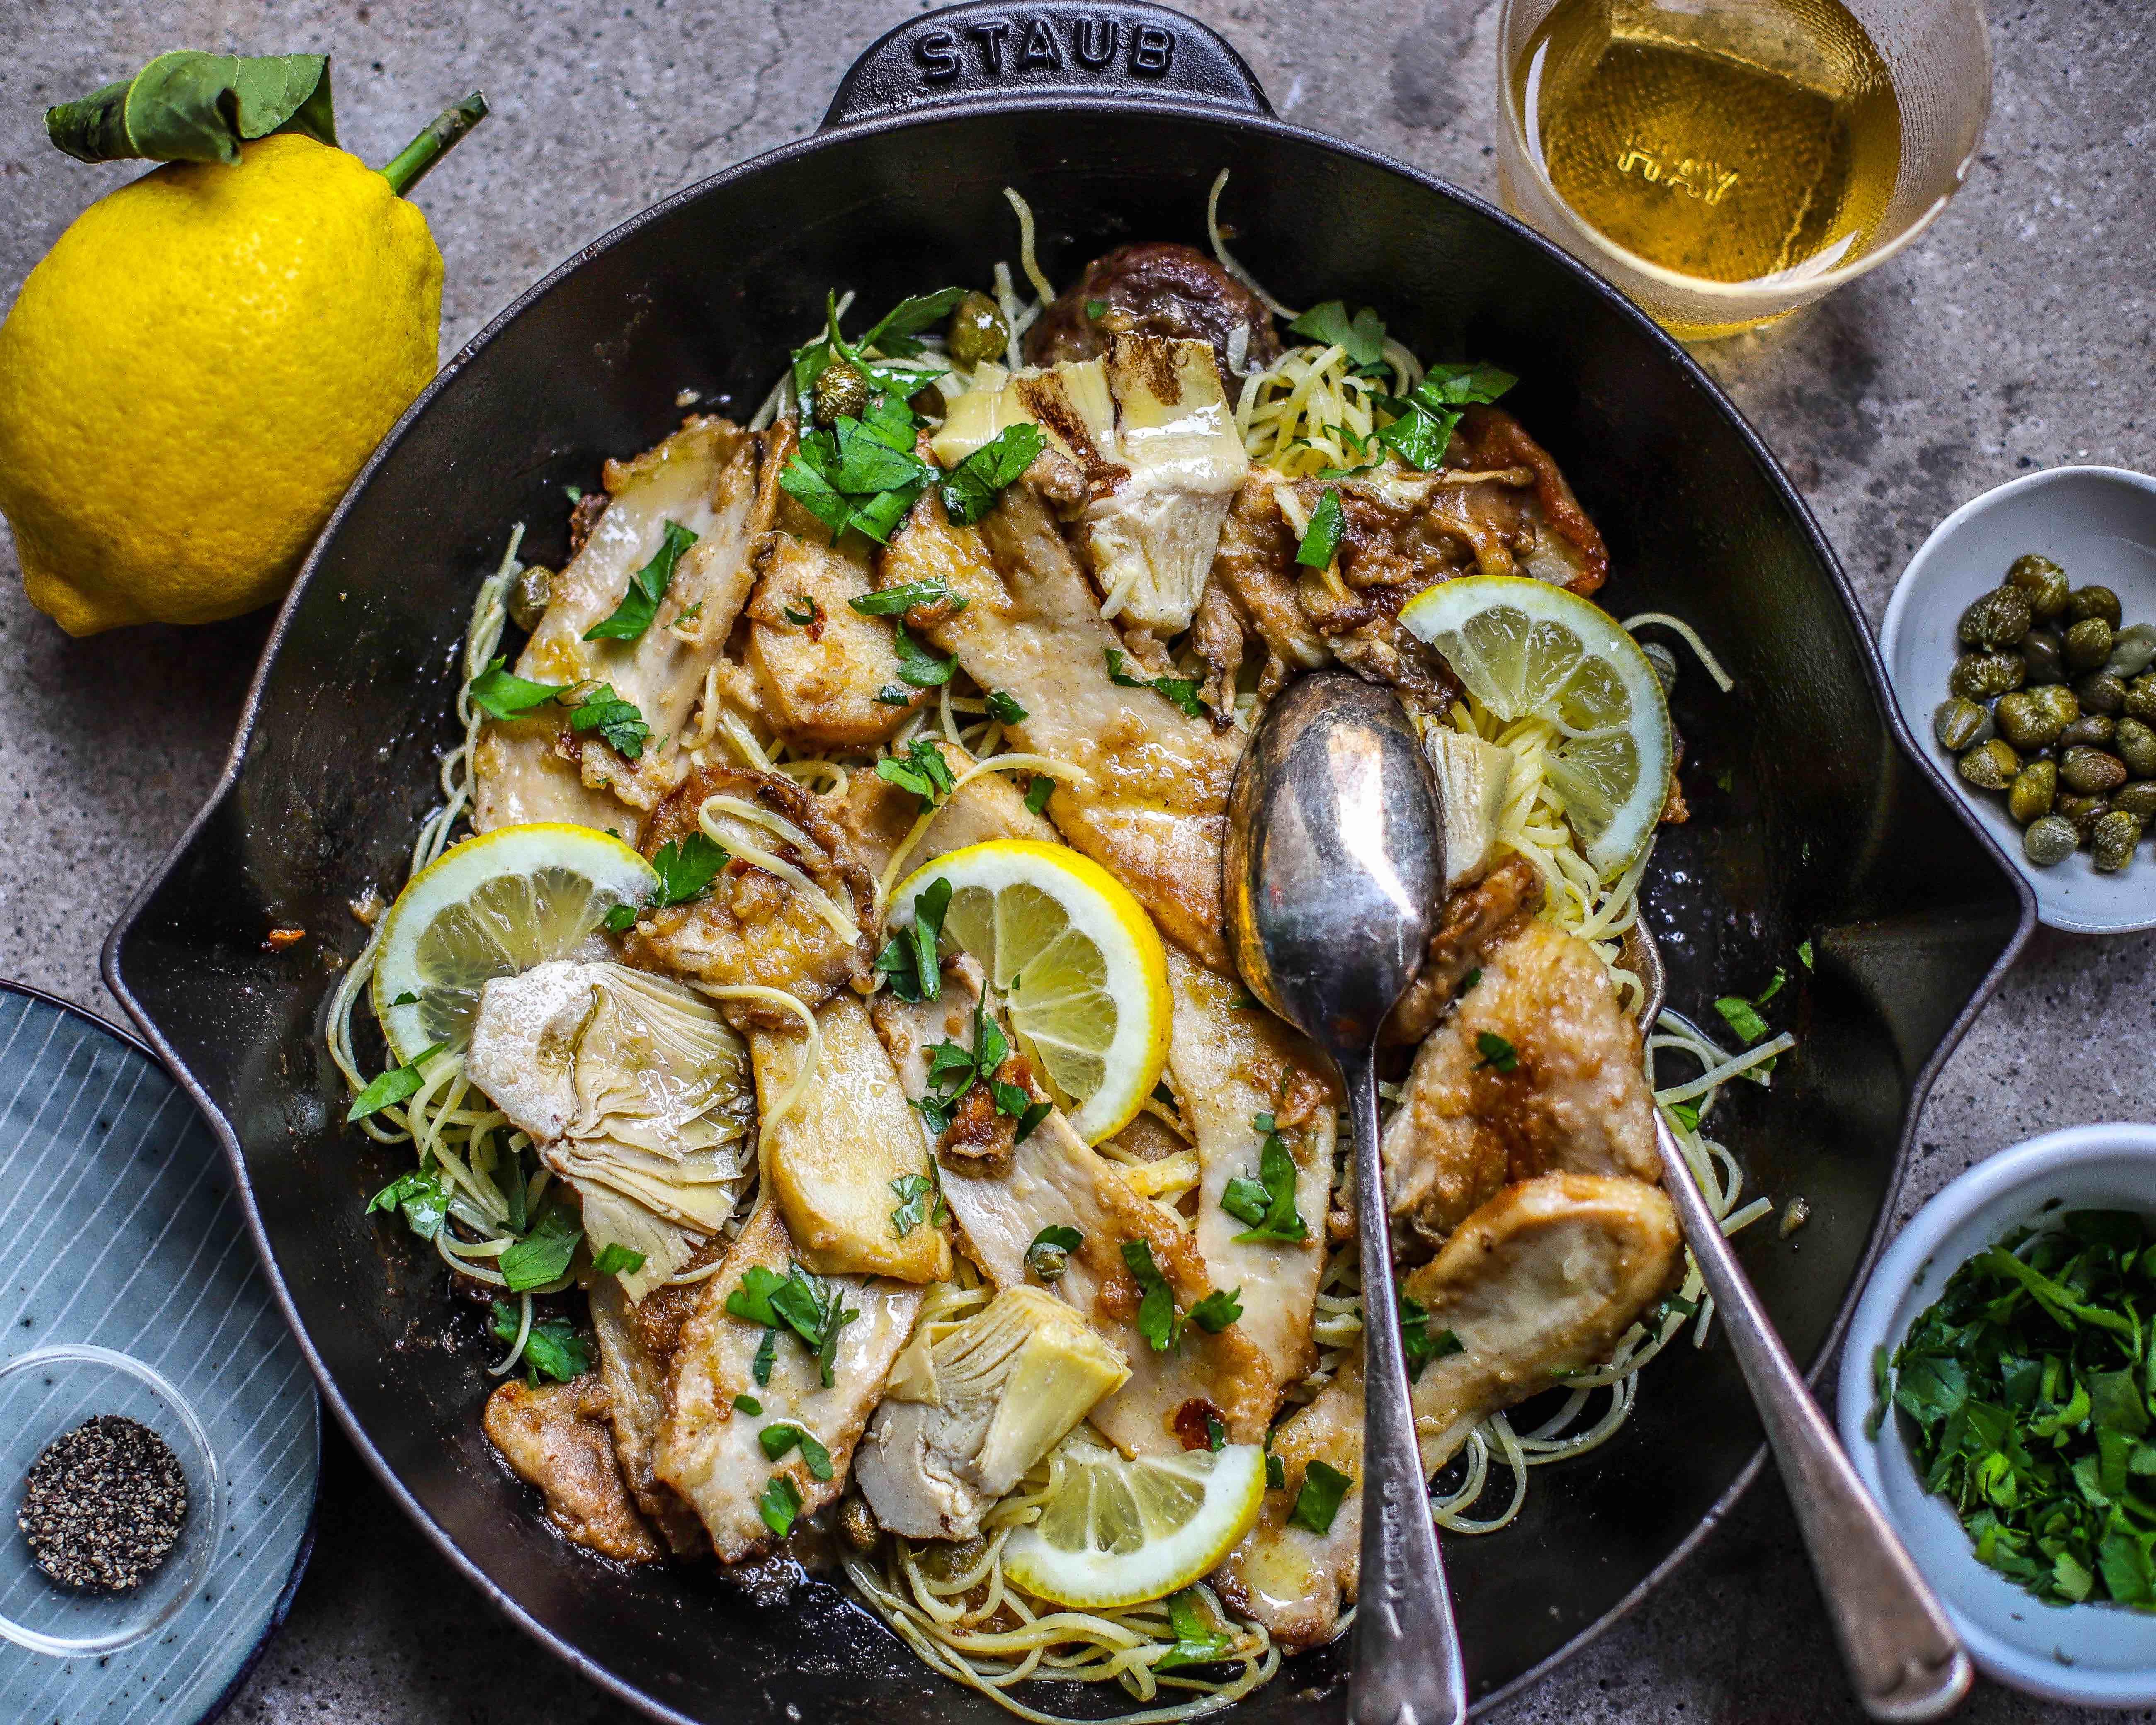 vegan mushroom piccata for dinner in cast iron skillet